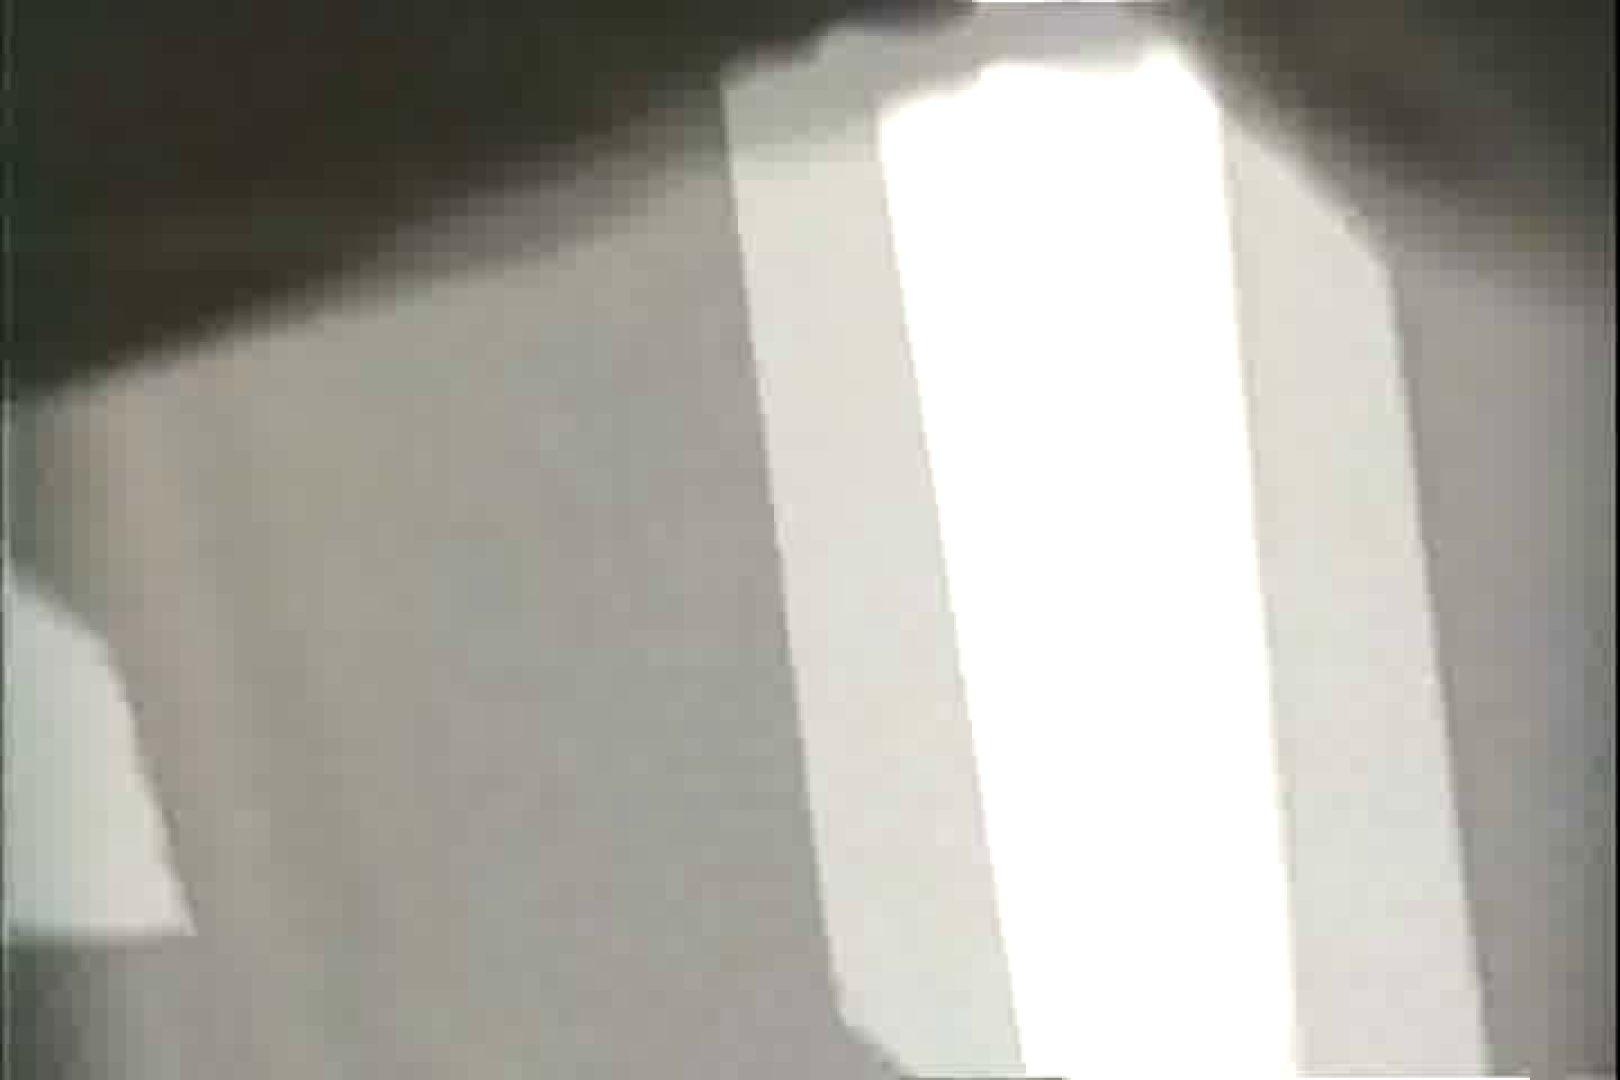 「ちくりん」さんのオリジナル未編集パンチラVol.3_02 美しいOLの裸体 覗きおまんこ画像 81pic 6